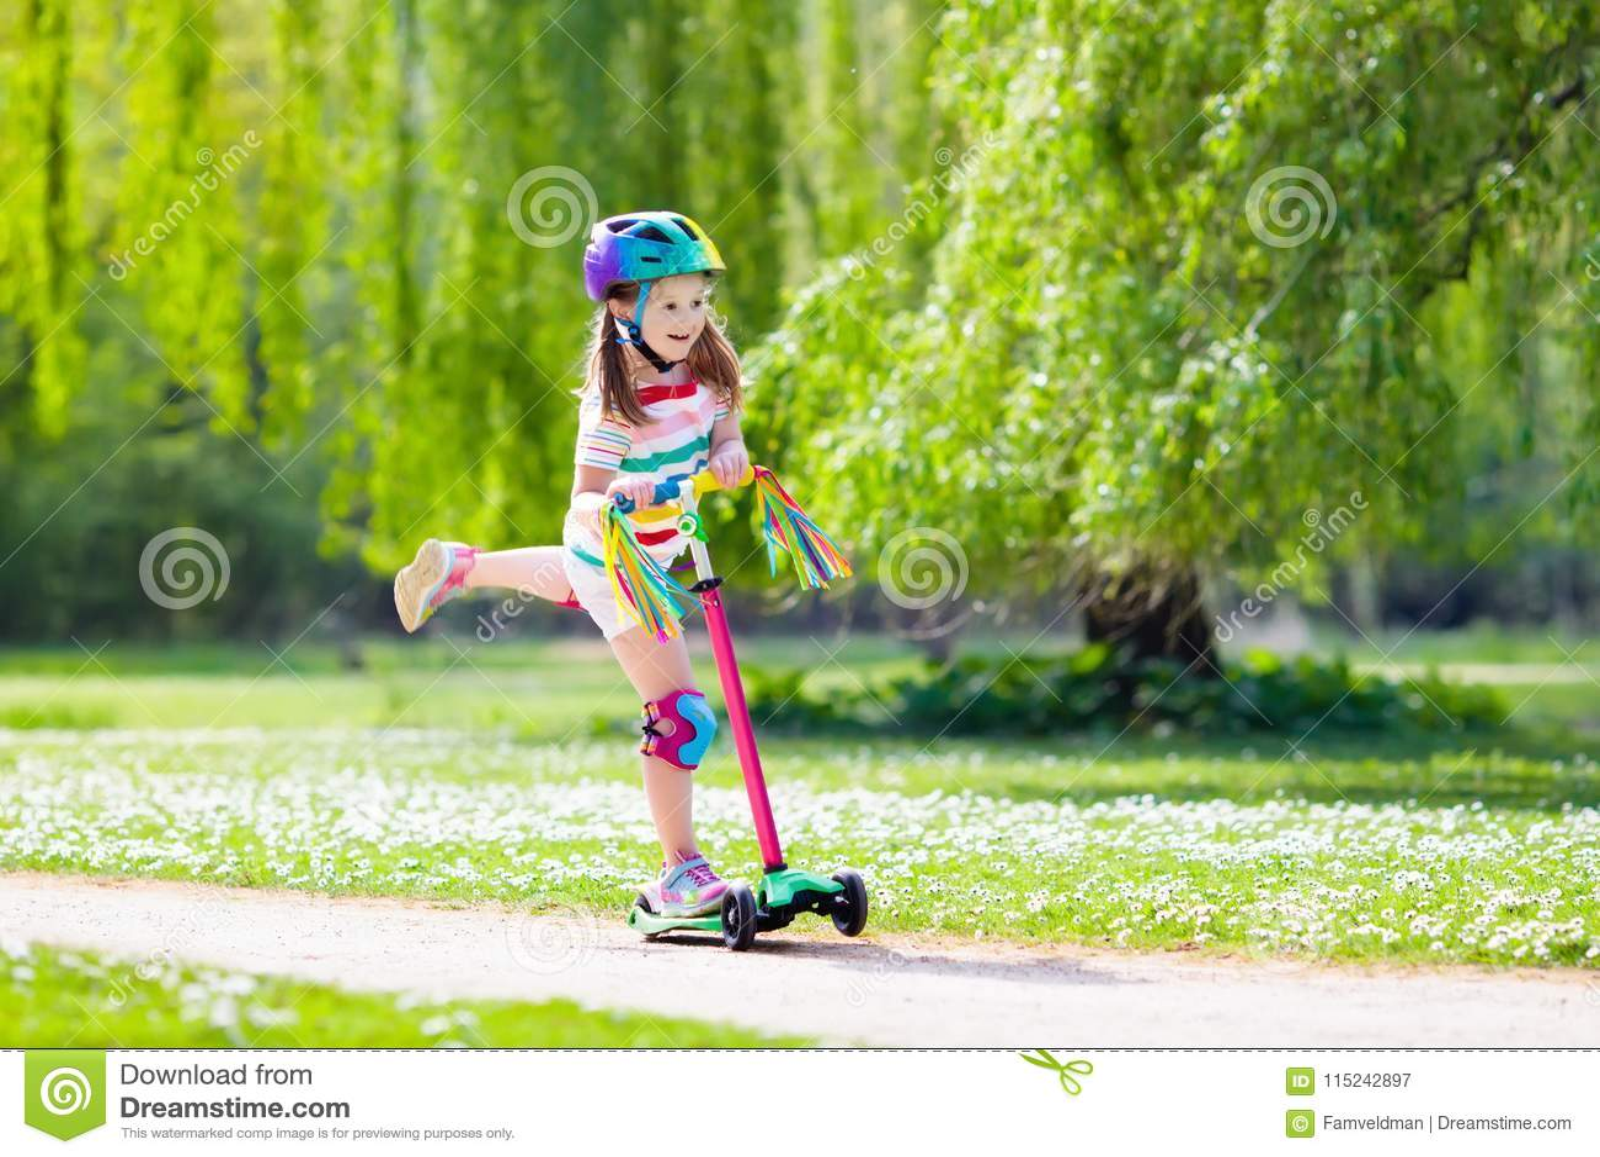 Vespa del retroceso del montar a caballo del niño en parque del verano